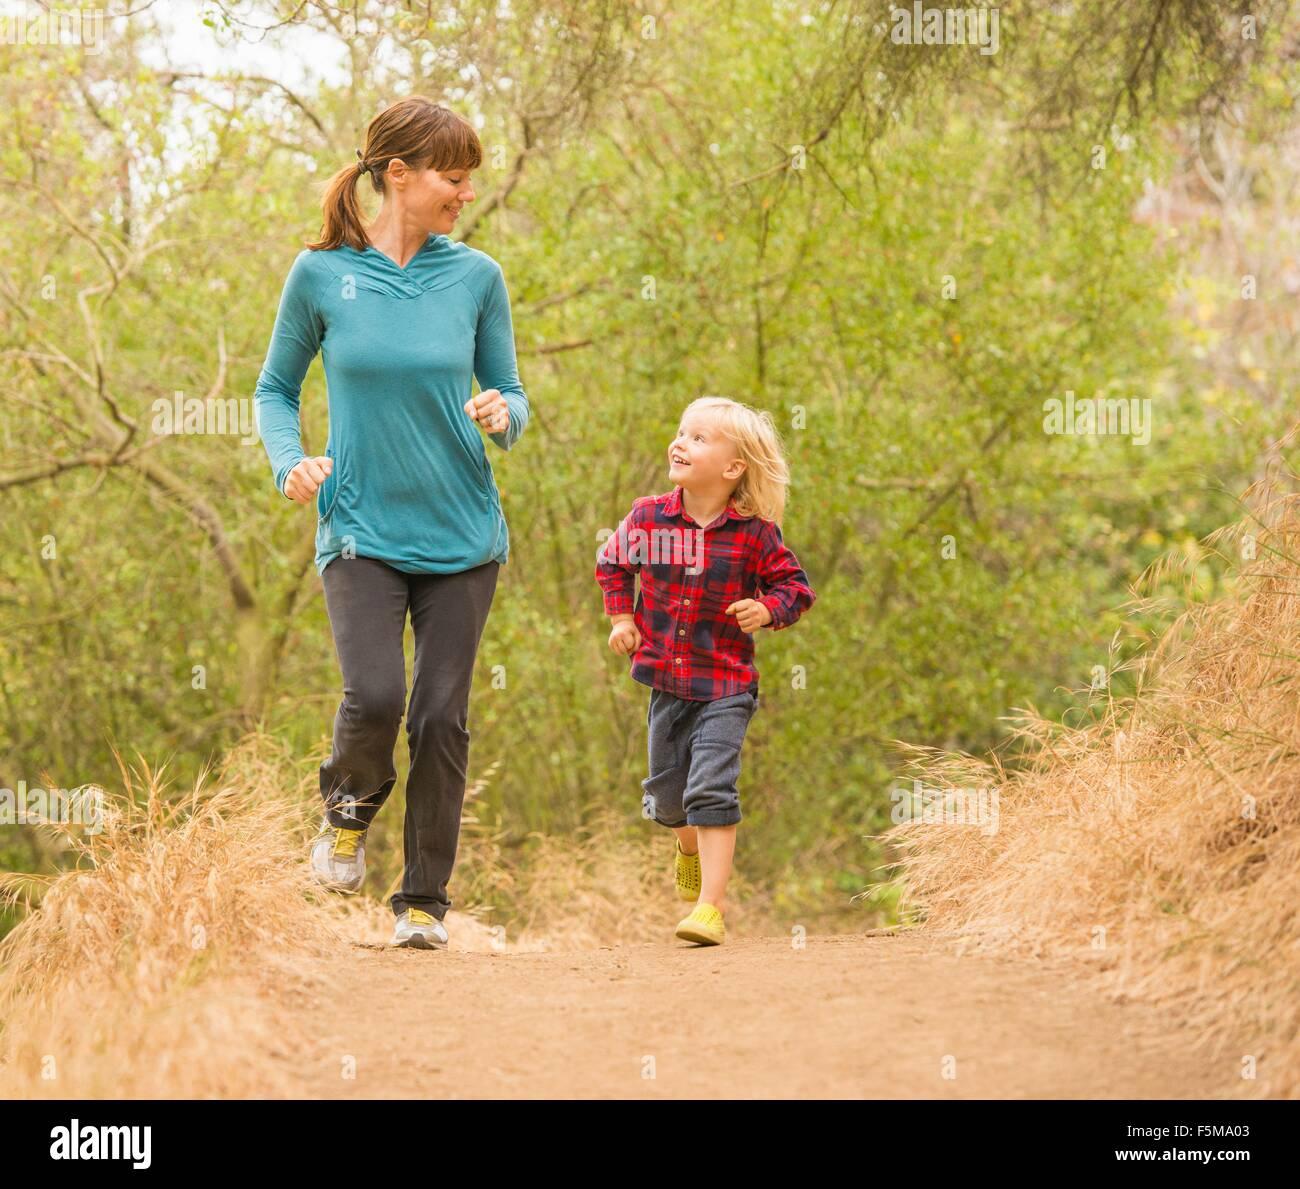 Mutter und Sohn läuft im Wald Stockbild